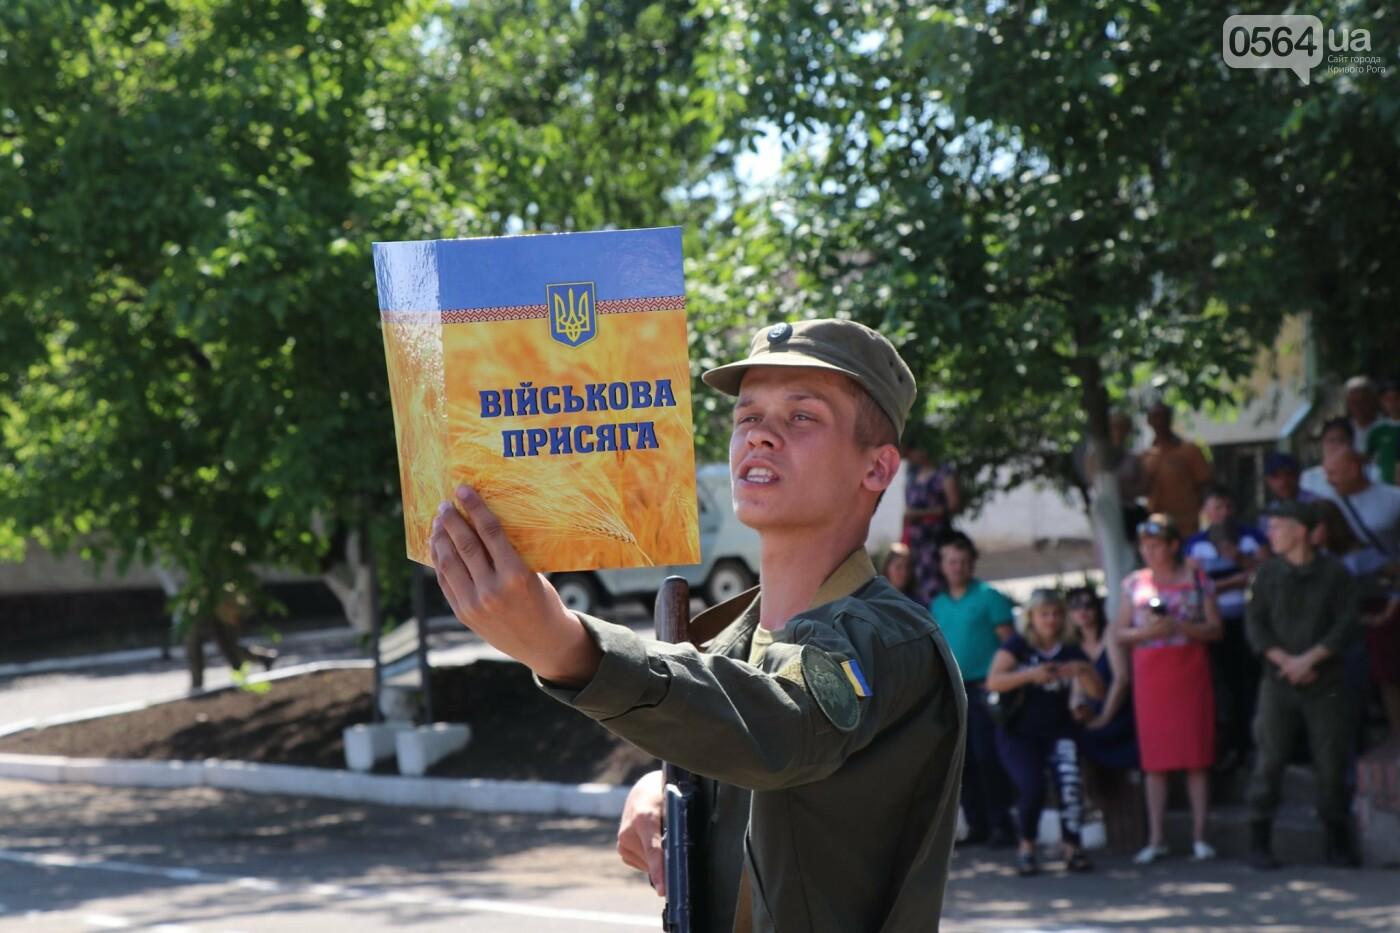 В Кривом Роге 168 нацгвардейцев торжественно приняли присягу на верность украинскому народу, - ФОТО, фото-16